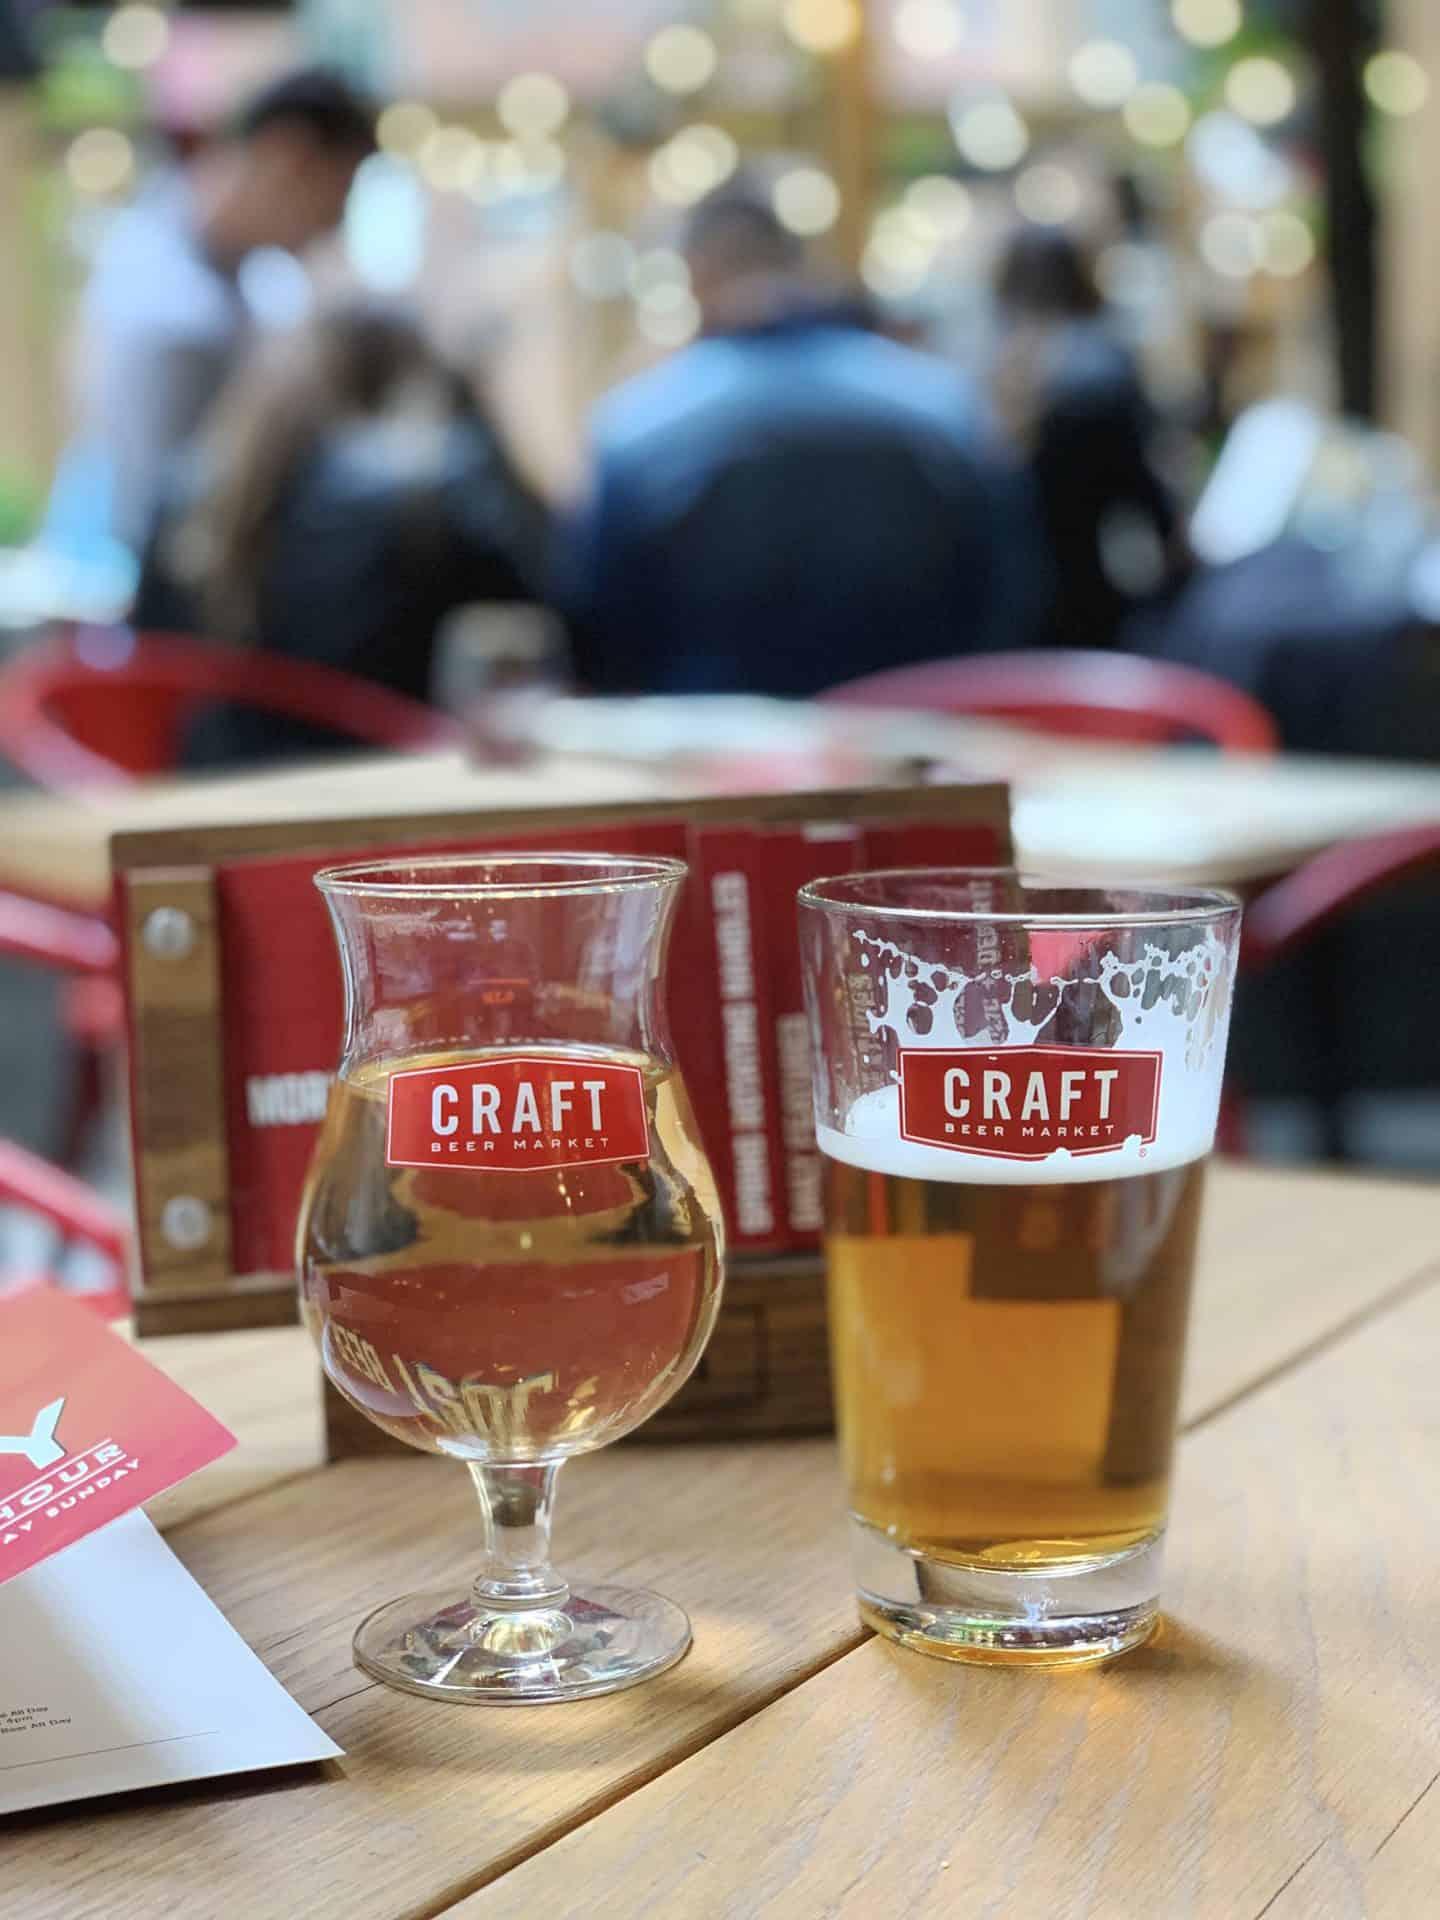 Craft Beer Market, Toronto